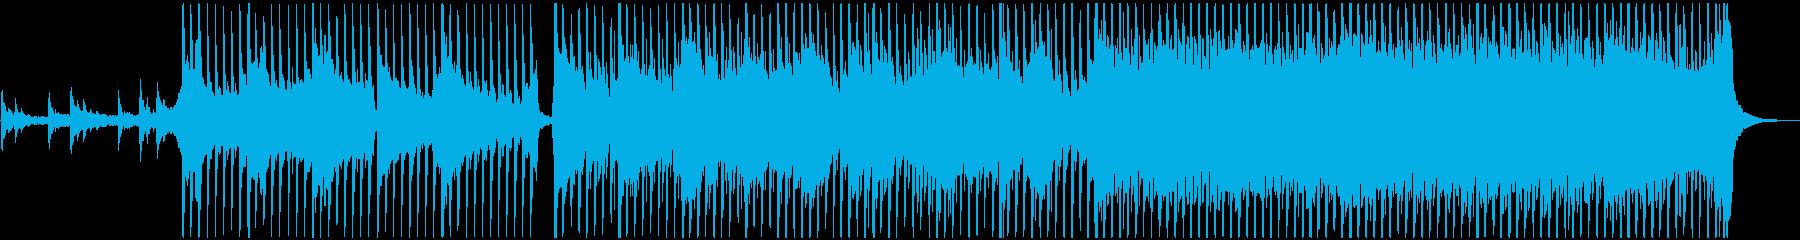 水の循環をイメージしたゆるやかで壮大な曲の再生済みの波形